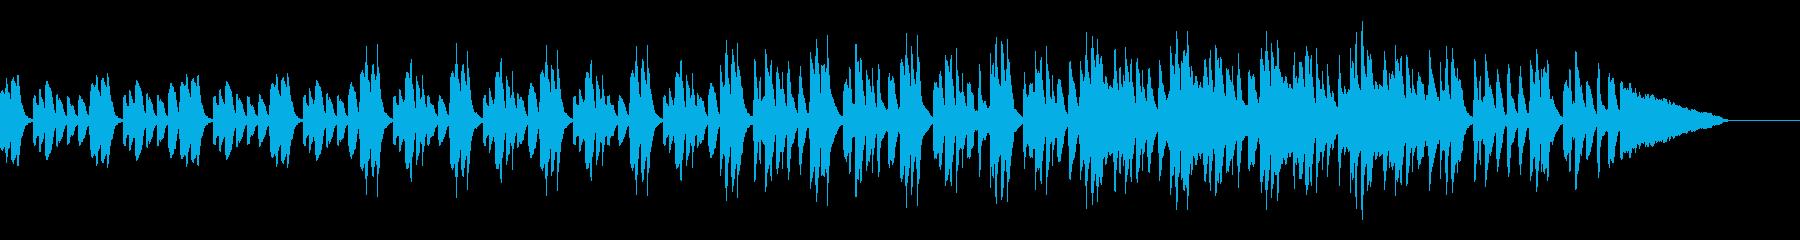 謎を解く時の不思議感あふれる曲の再生済みの波形